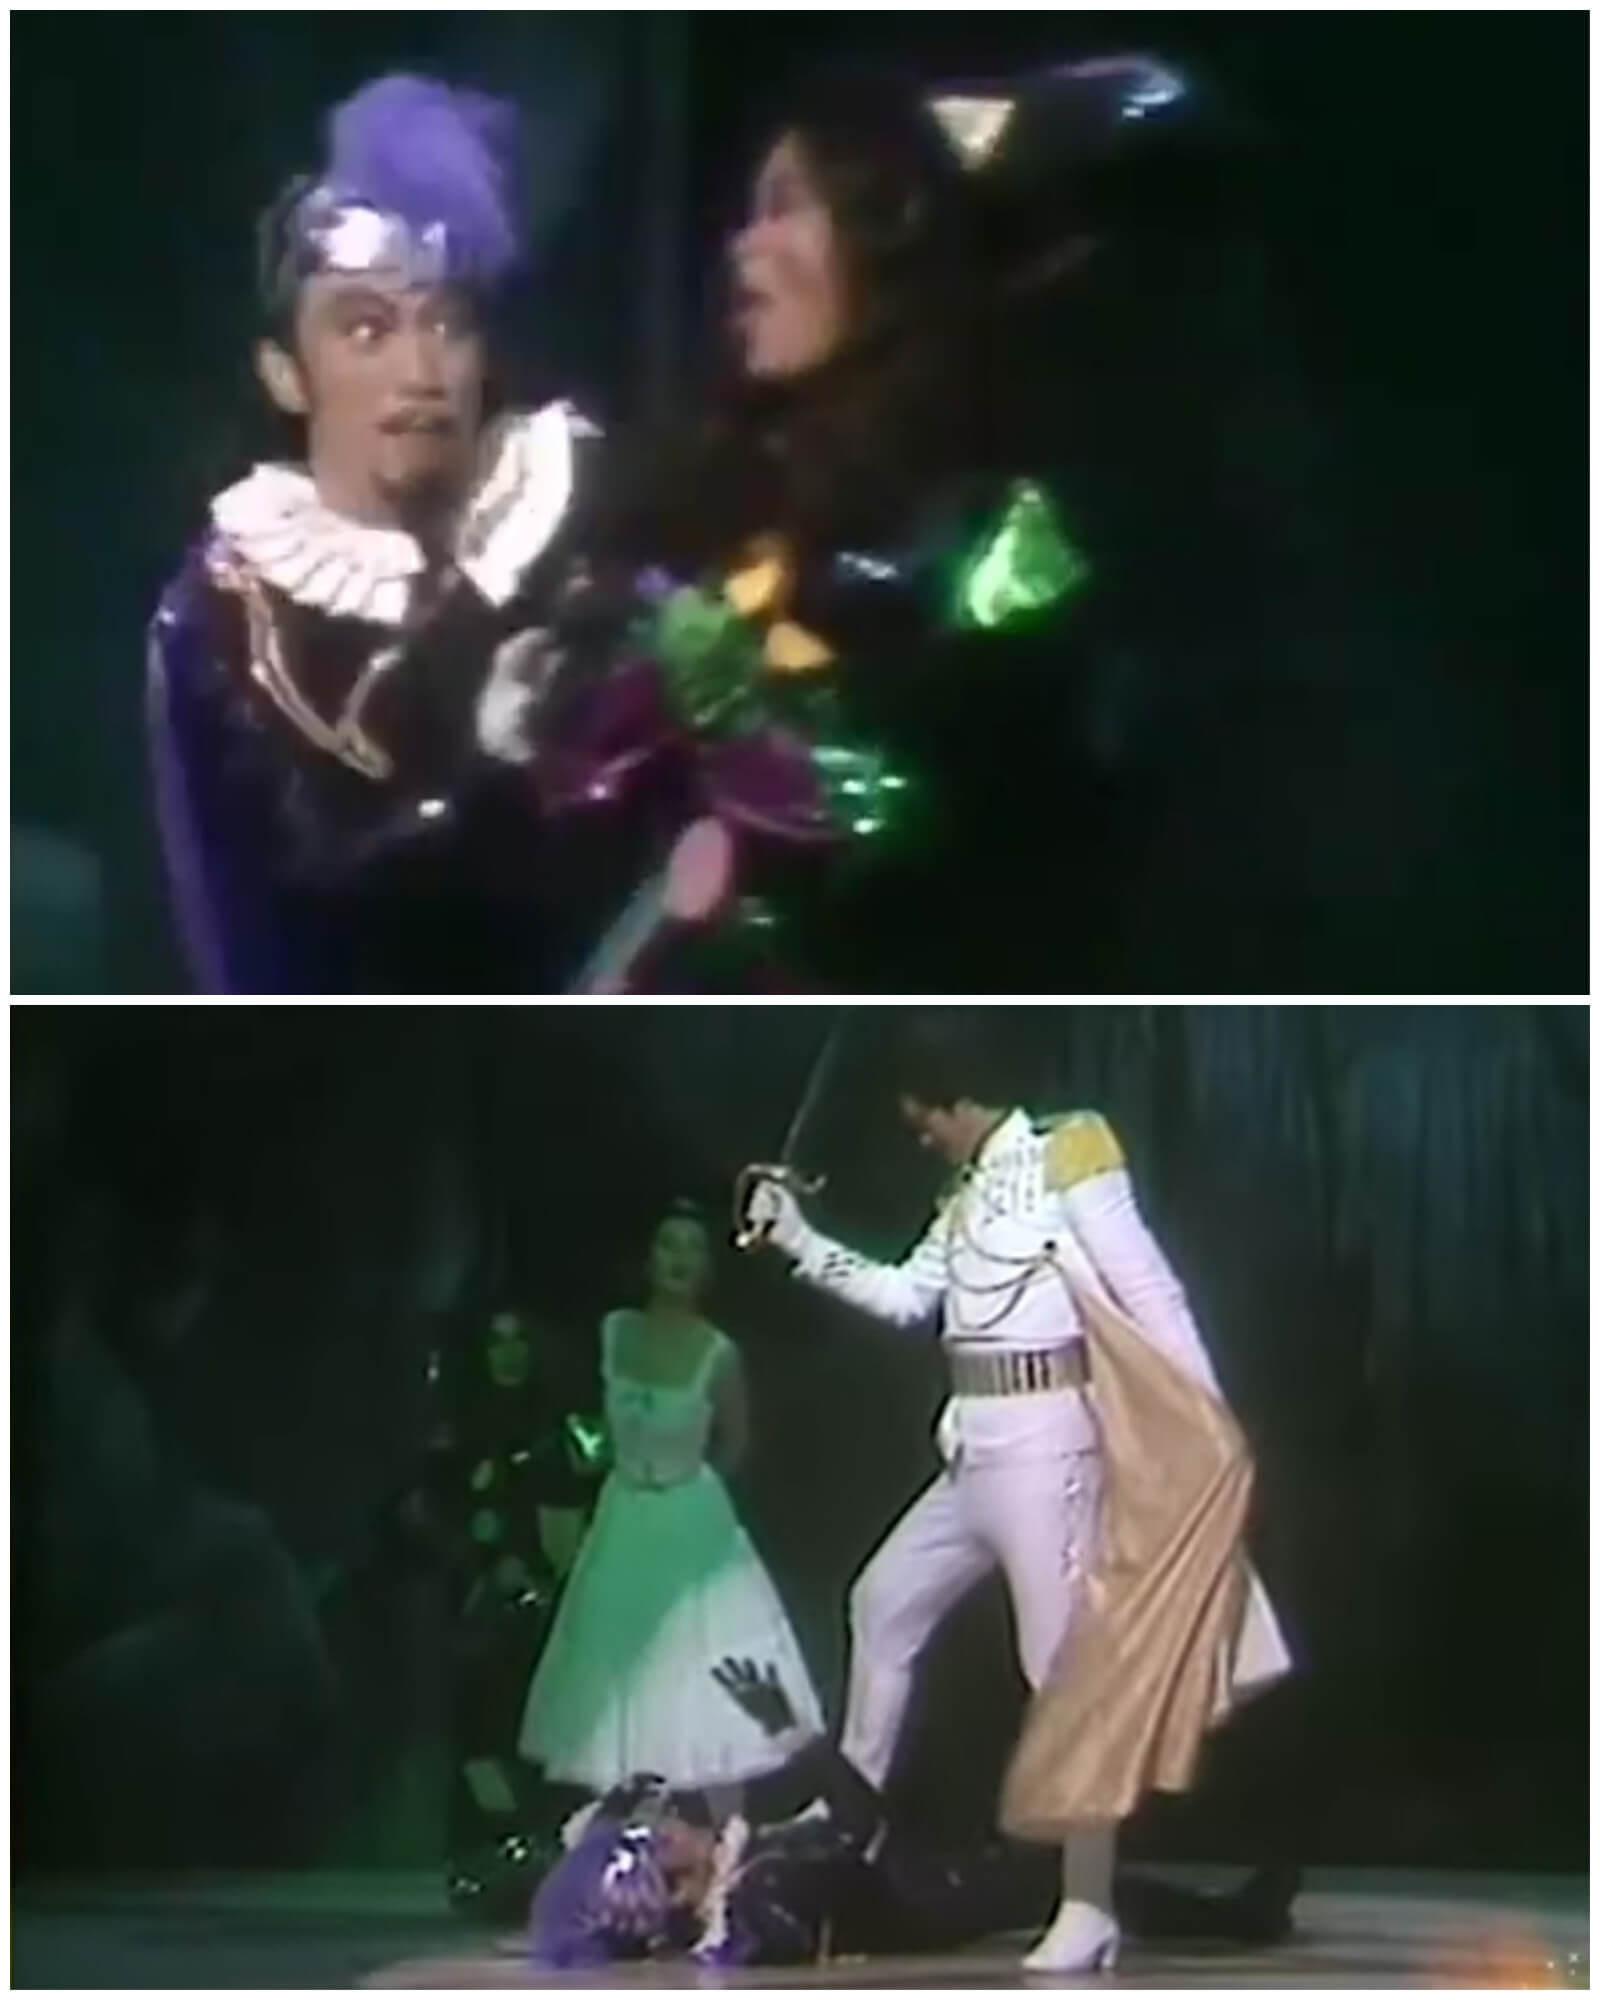 由Philip頂替羅文演出,負責填詞的黃霑也把其中一句歌詞「話我眨眼夾姿勢多」改為「面似匹馬兼手多」,同樣是度身訂造。